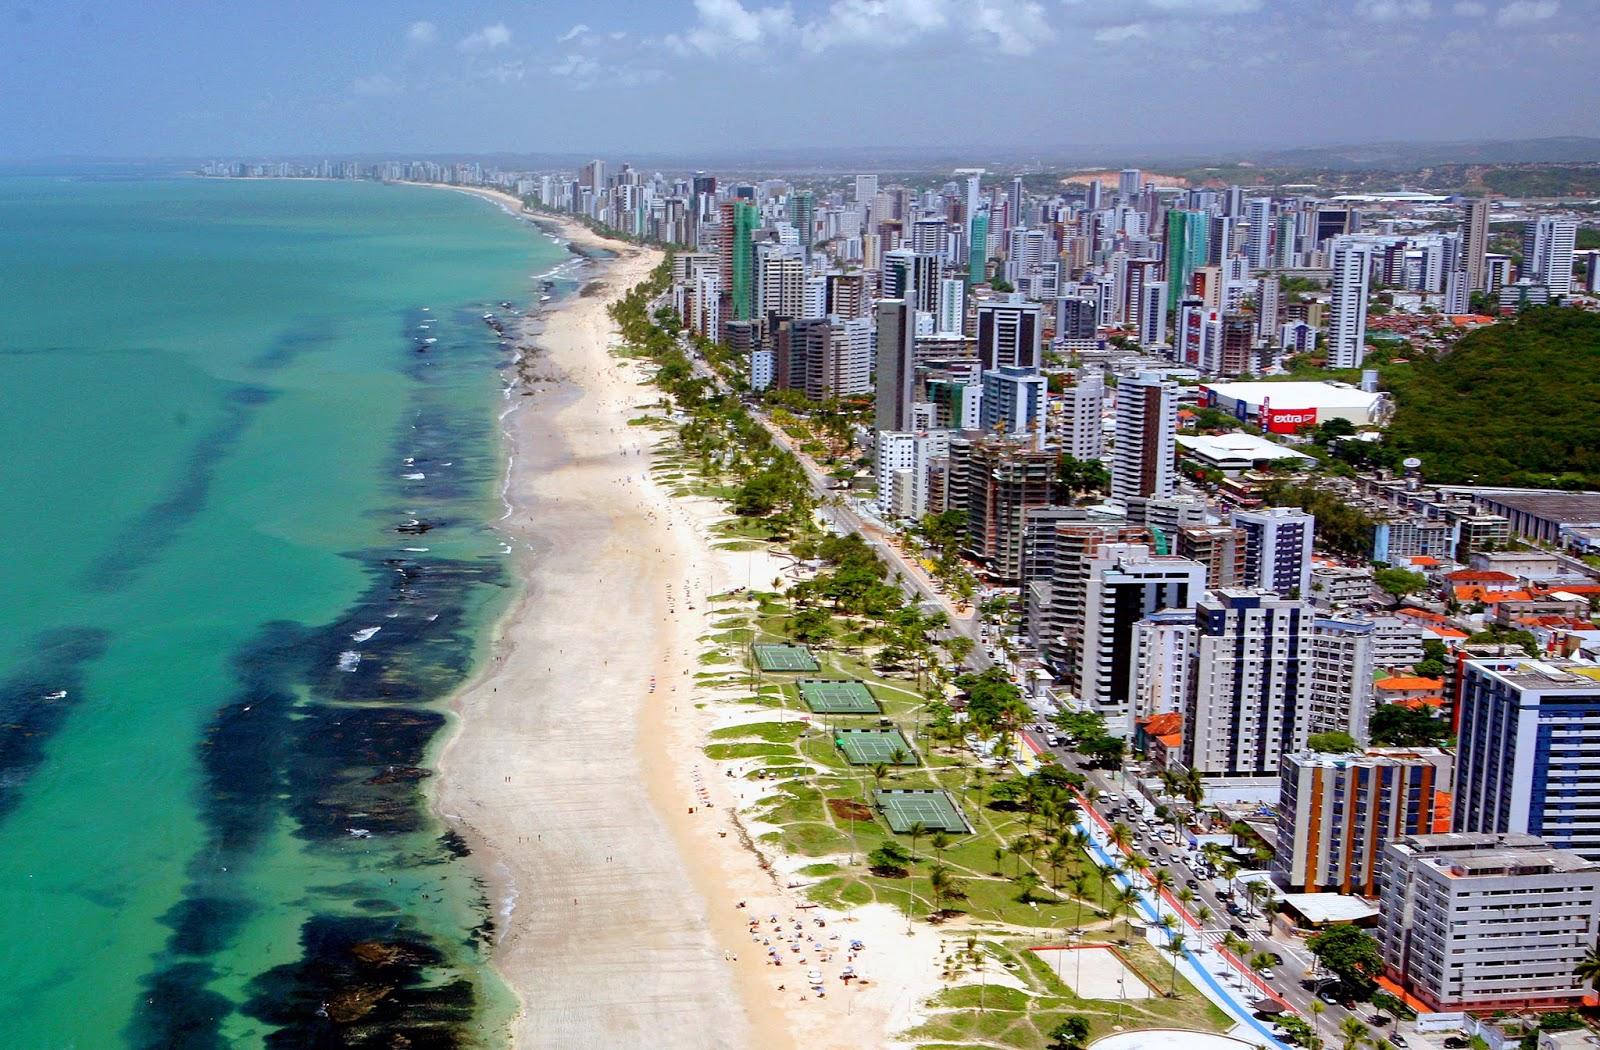 Playa Boa Viagem en Recife, Brasil